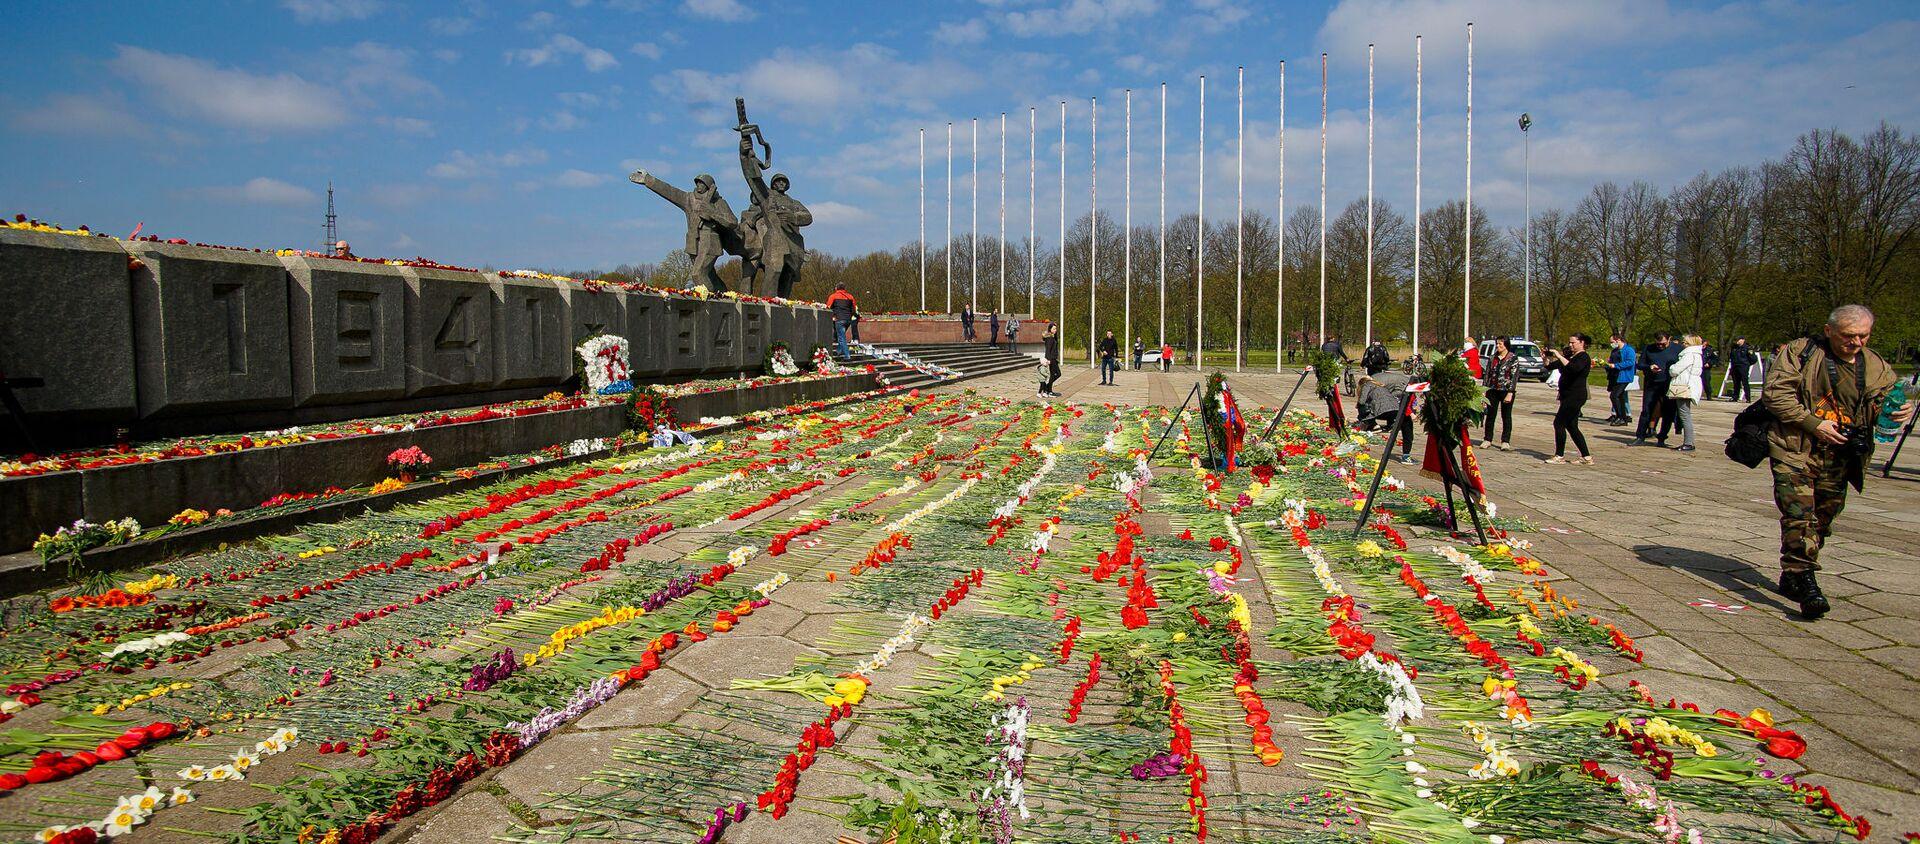 День Победы у памятника Освободителям в Риге - Sputnik Latvija, 1920, 13.05.2020